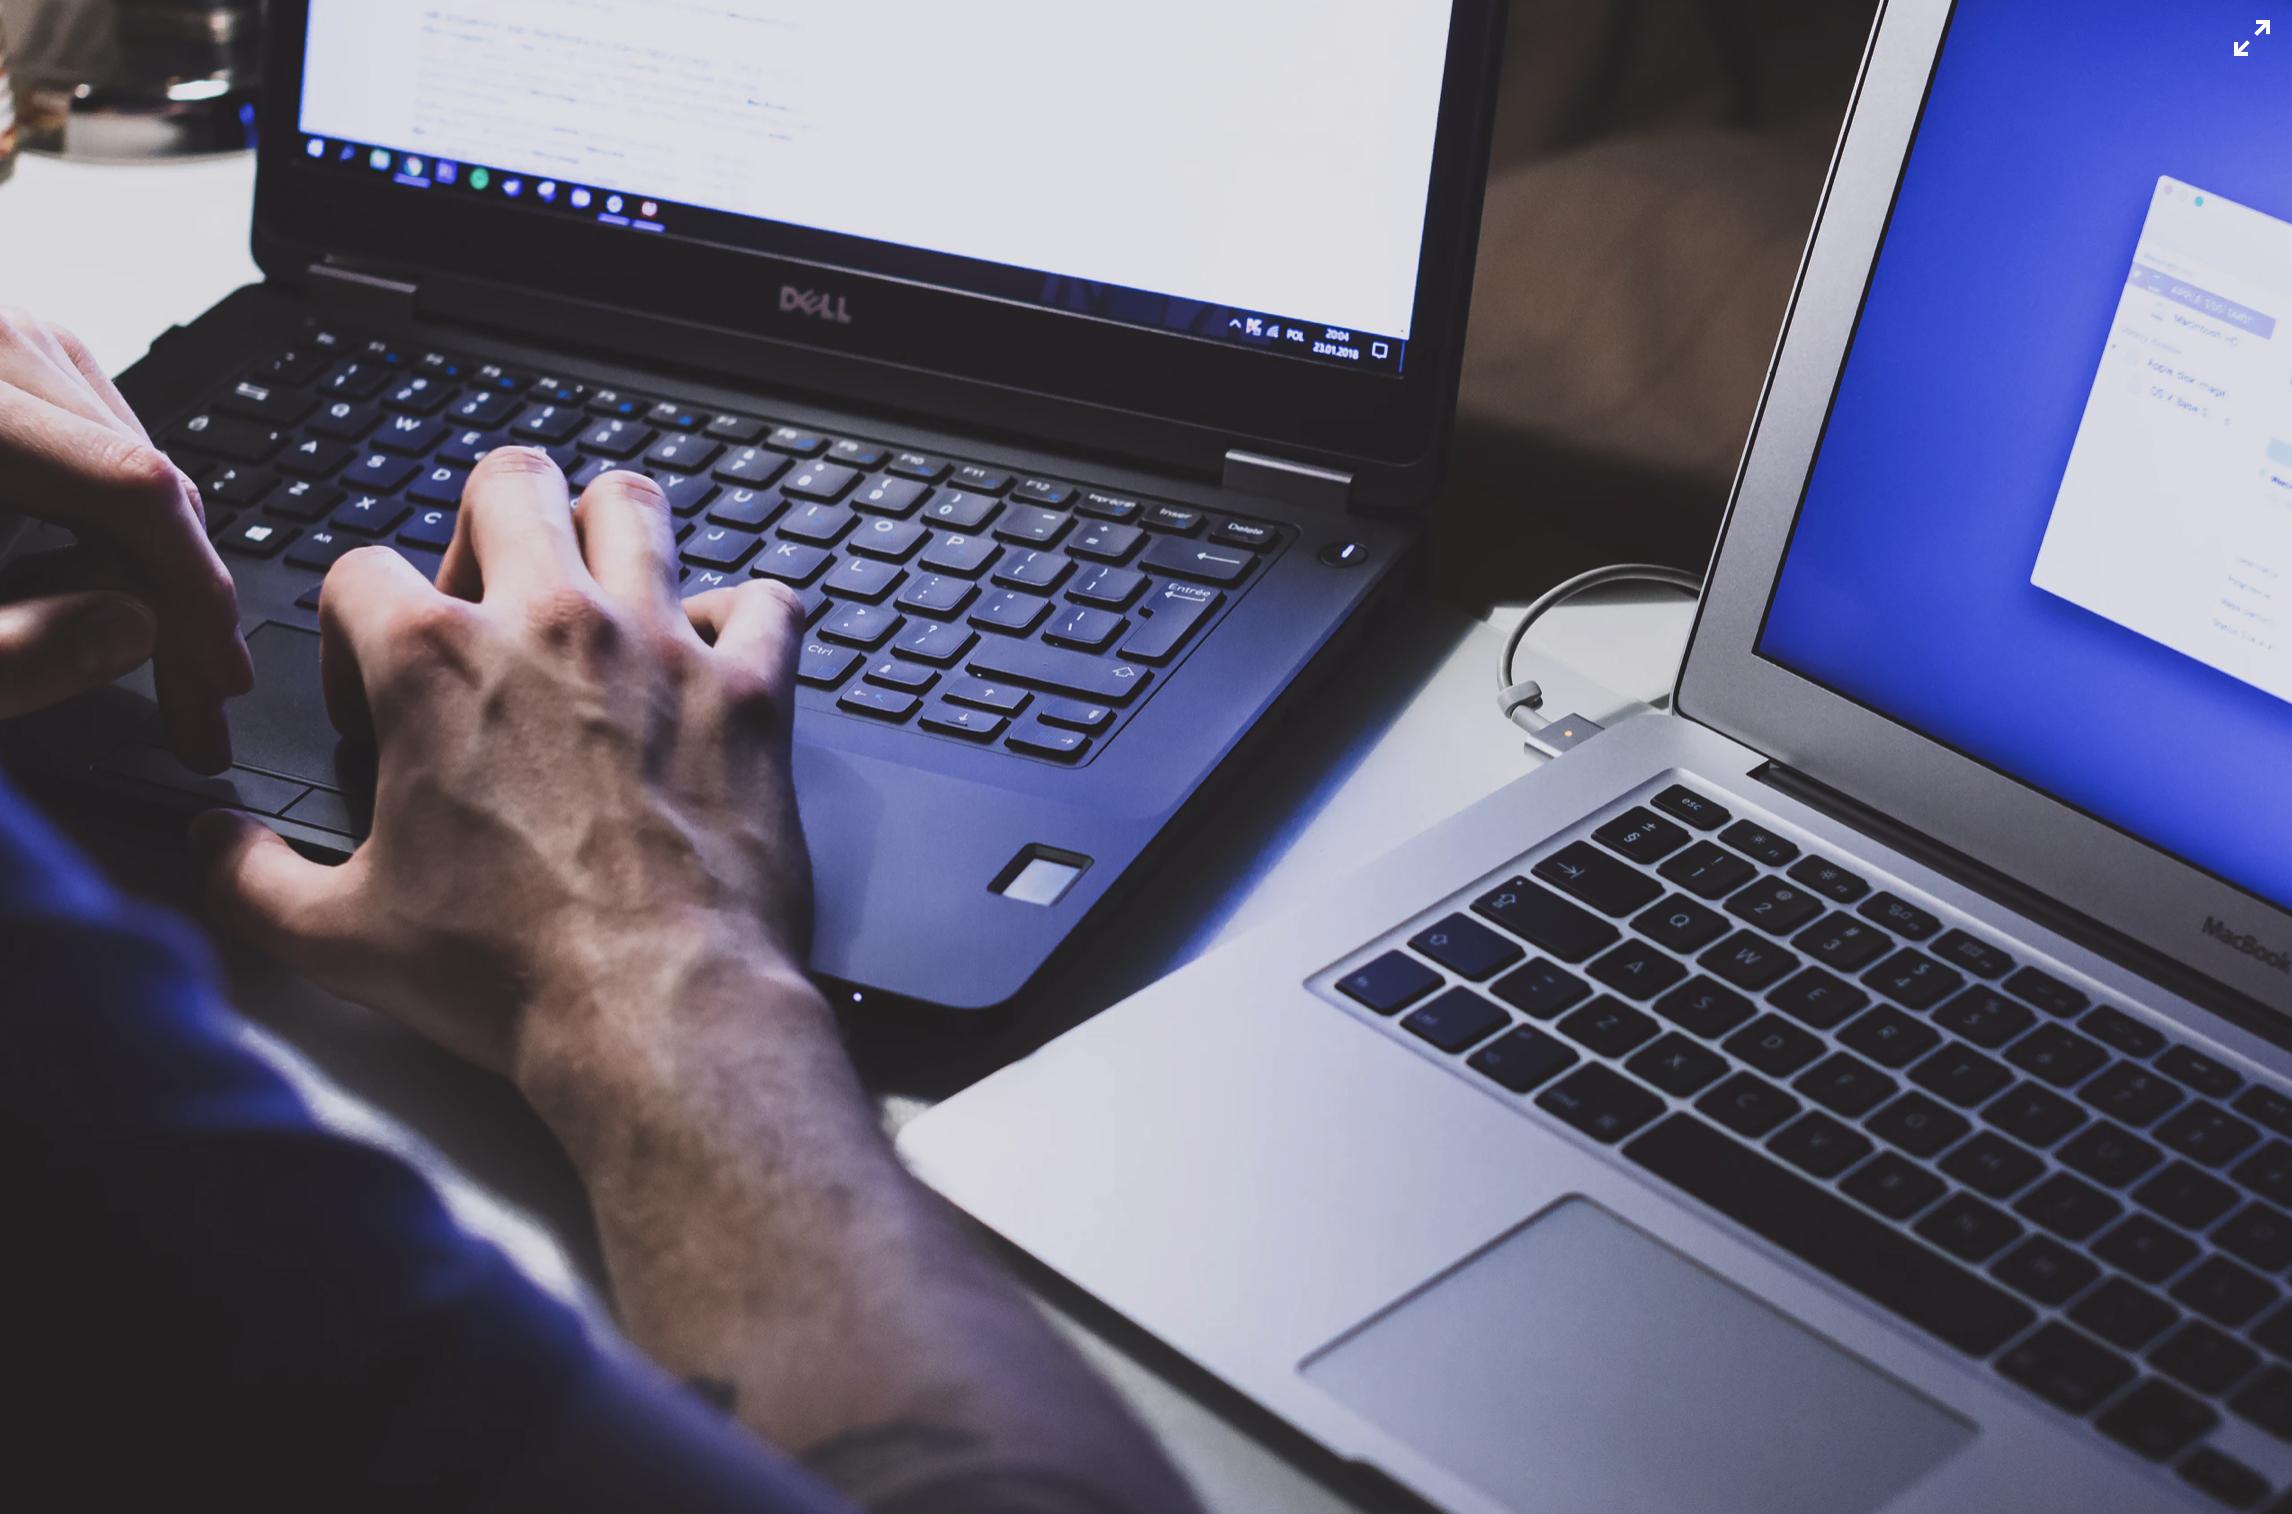 Raport FortiGuard Labs: Ataki z użyciem ransomware'u zdarzają się dziesięć razy częściej niż rok temu